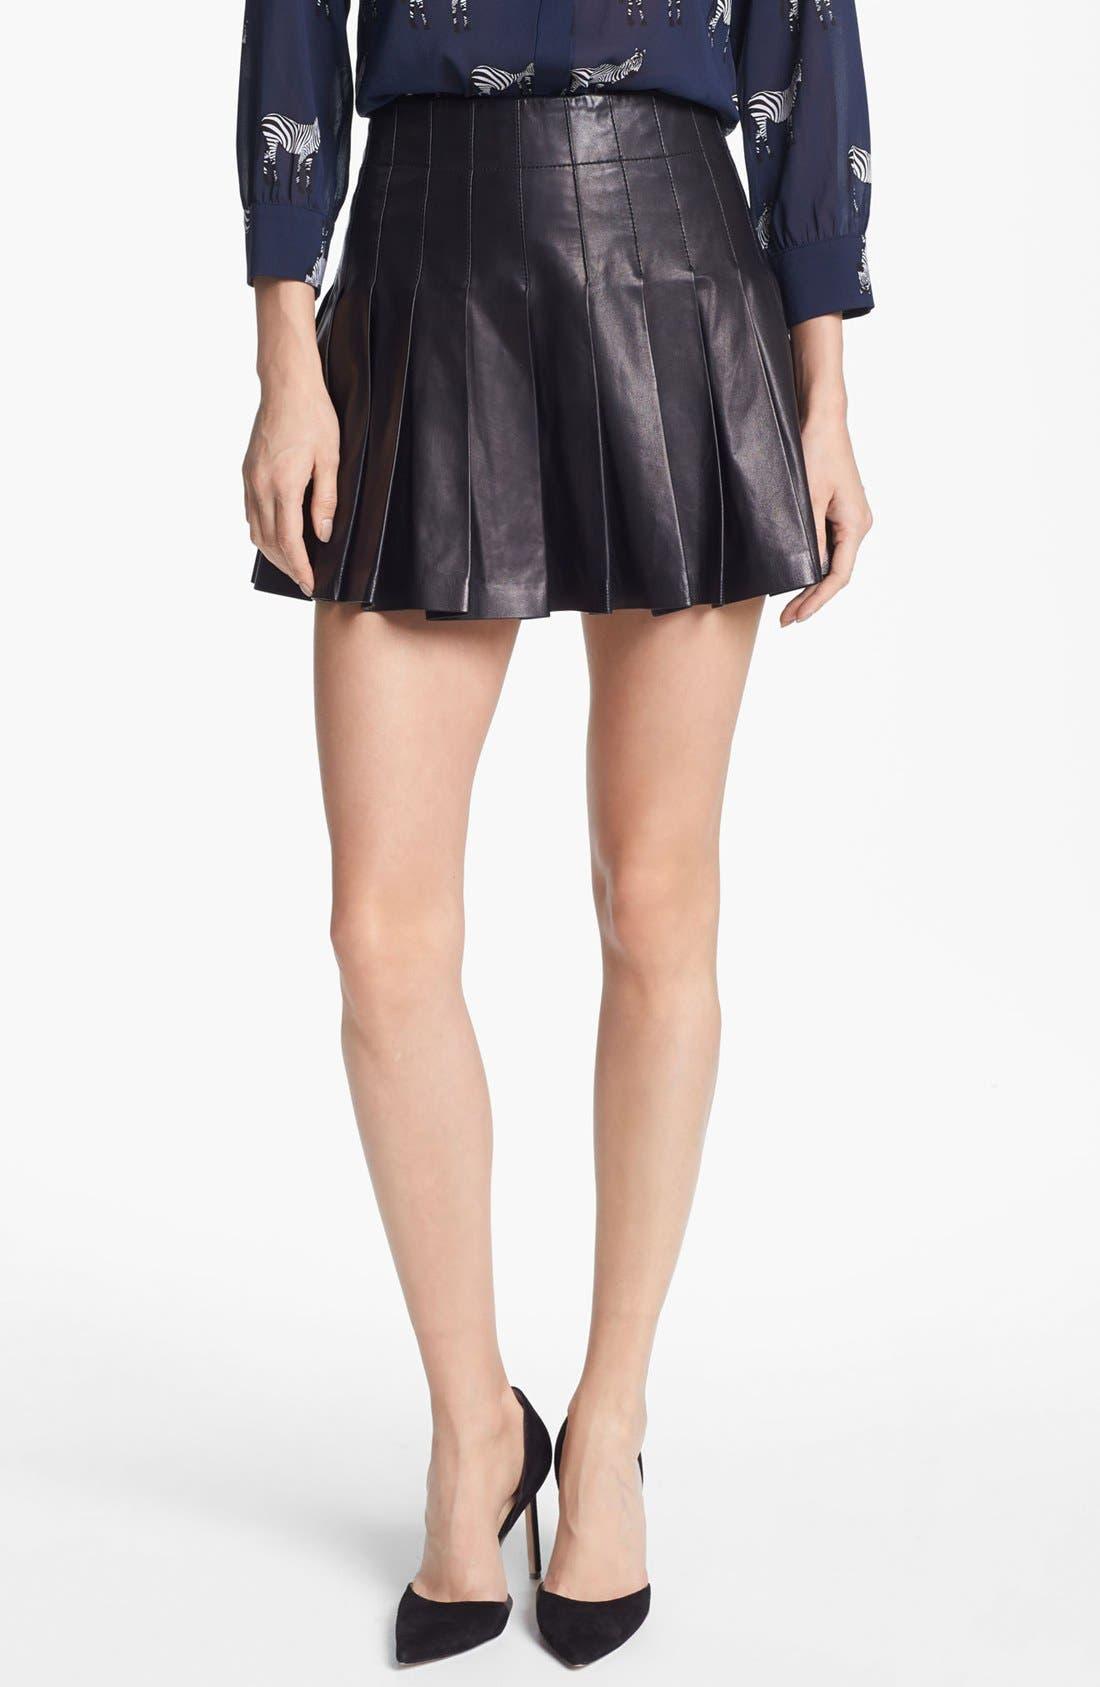 Alternate Image 1 Selected - Alice + Olivia Pleated Leather Miniskirt